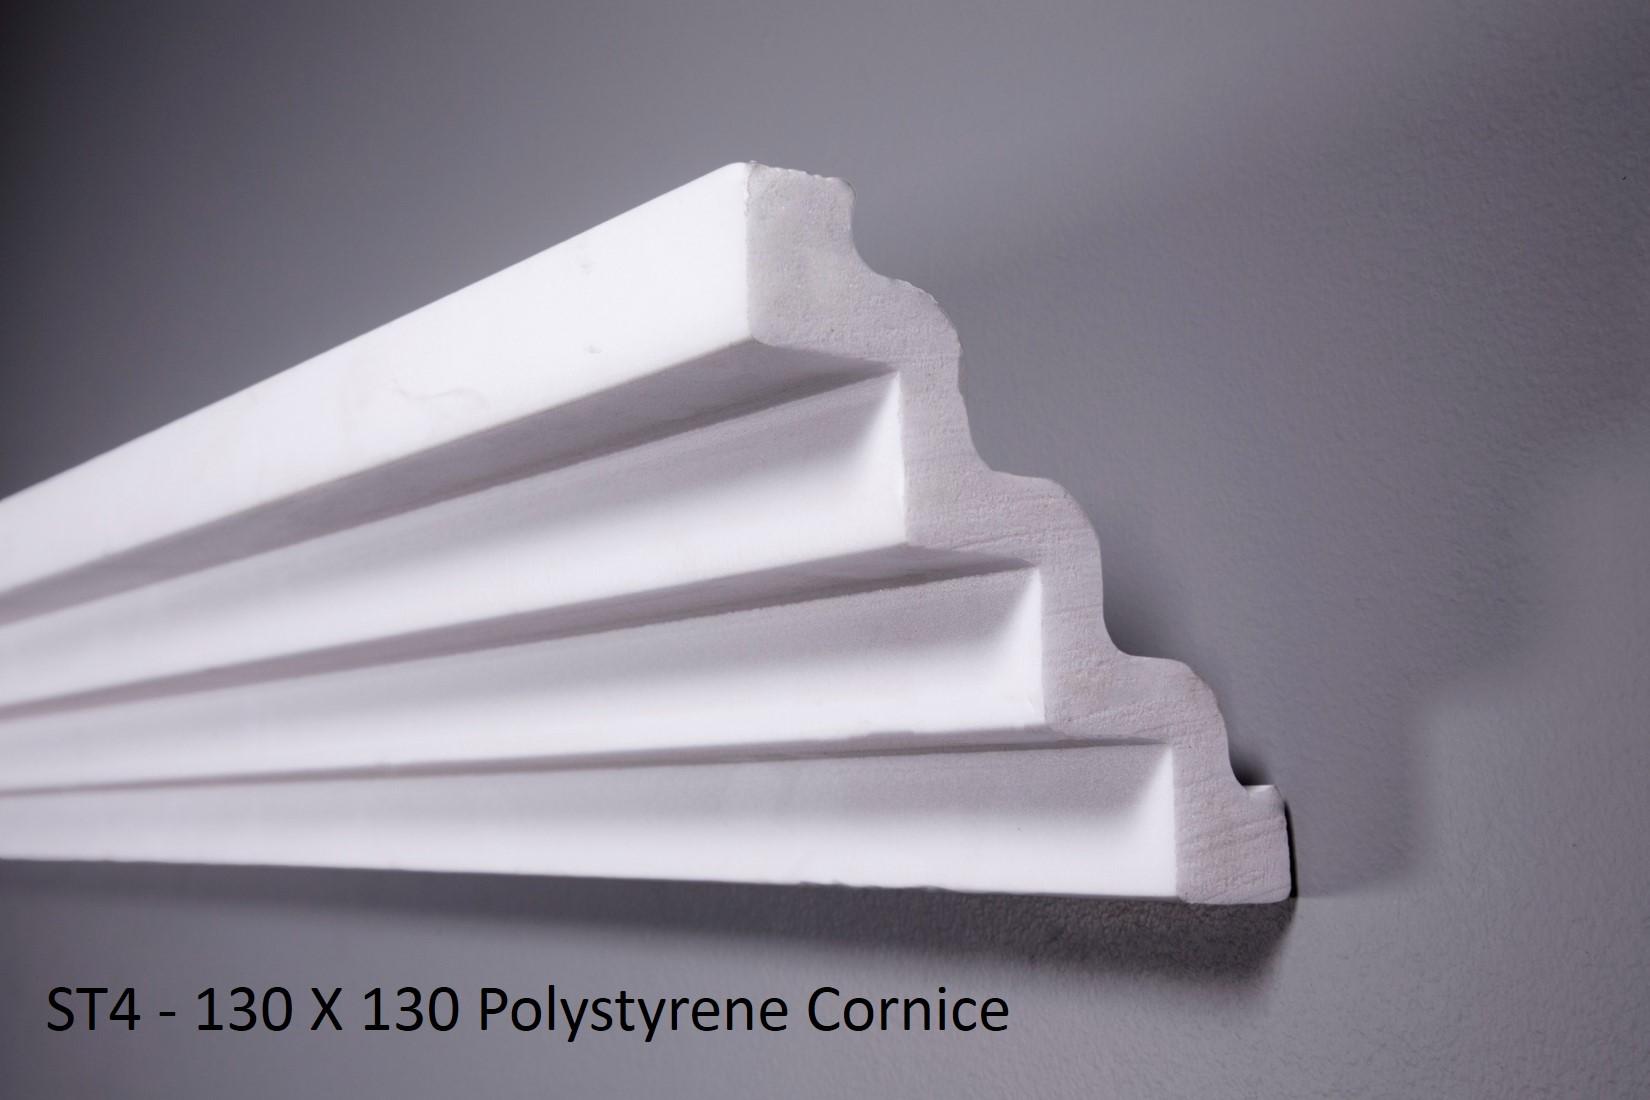 ST4 - 130 X 130 Polystyrene Cornice